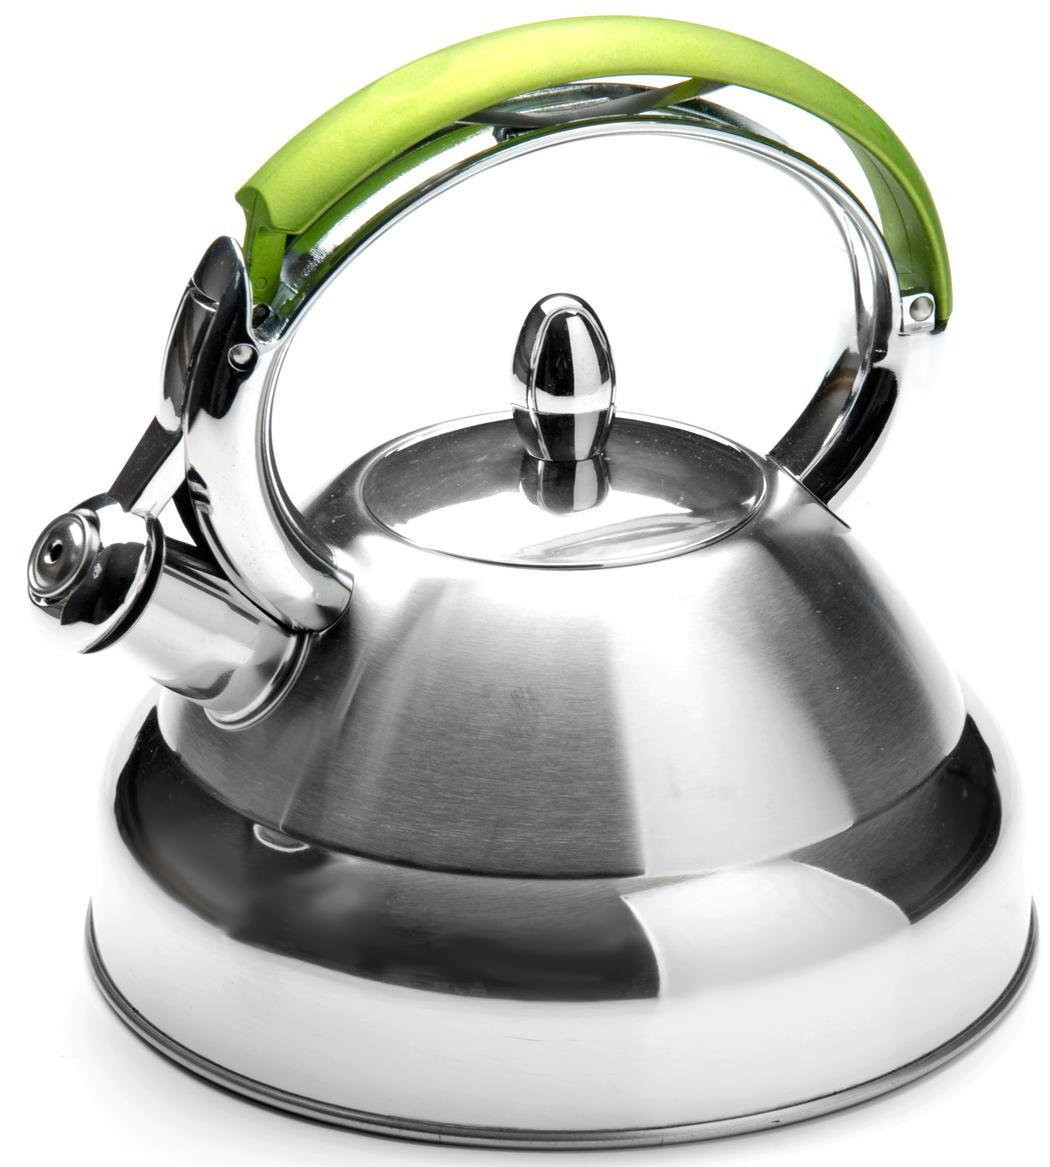 Чайник MAYER&BOCH изготовлен из высококачественной нержавеющей стали. Изделия из нержавеющей стали не окисляются и не впитывают запахи, благодаря чему вы всегда получите натуральный, насыщенный вкус и аромат напитков. Капсулированное дно с прослойкой из алюминия обеспечивает наилучшее распределение тепла. Удобная фиксированная ручка выполнена из нержавеющей стали и бакелита, также на ручке расположена клавиша механизма открывания носика. Носик чайника оснащен насадкой-свистком, который позволяет контролировать процесс кипячения или подогрева воды. Поверхность чайника гладкая, что облегчает уход за ним. Эстетичный и функциональный, с современным дизайном, чайник будет оригинально смотреться на любой кухне. Подходит для использования на всех типах плит, включая индукционные.